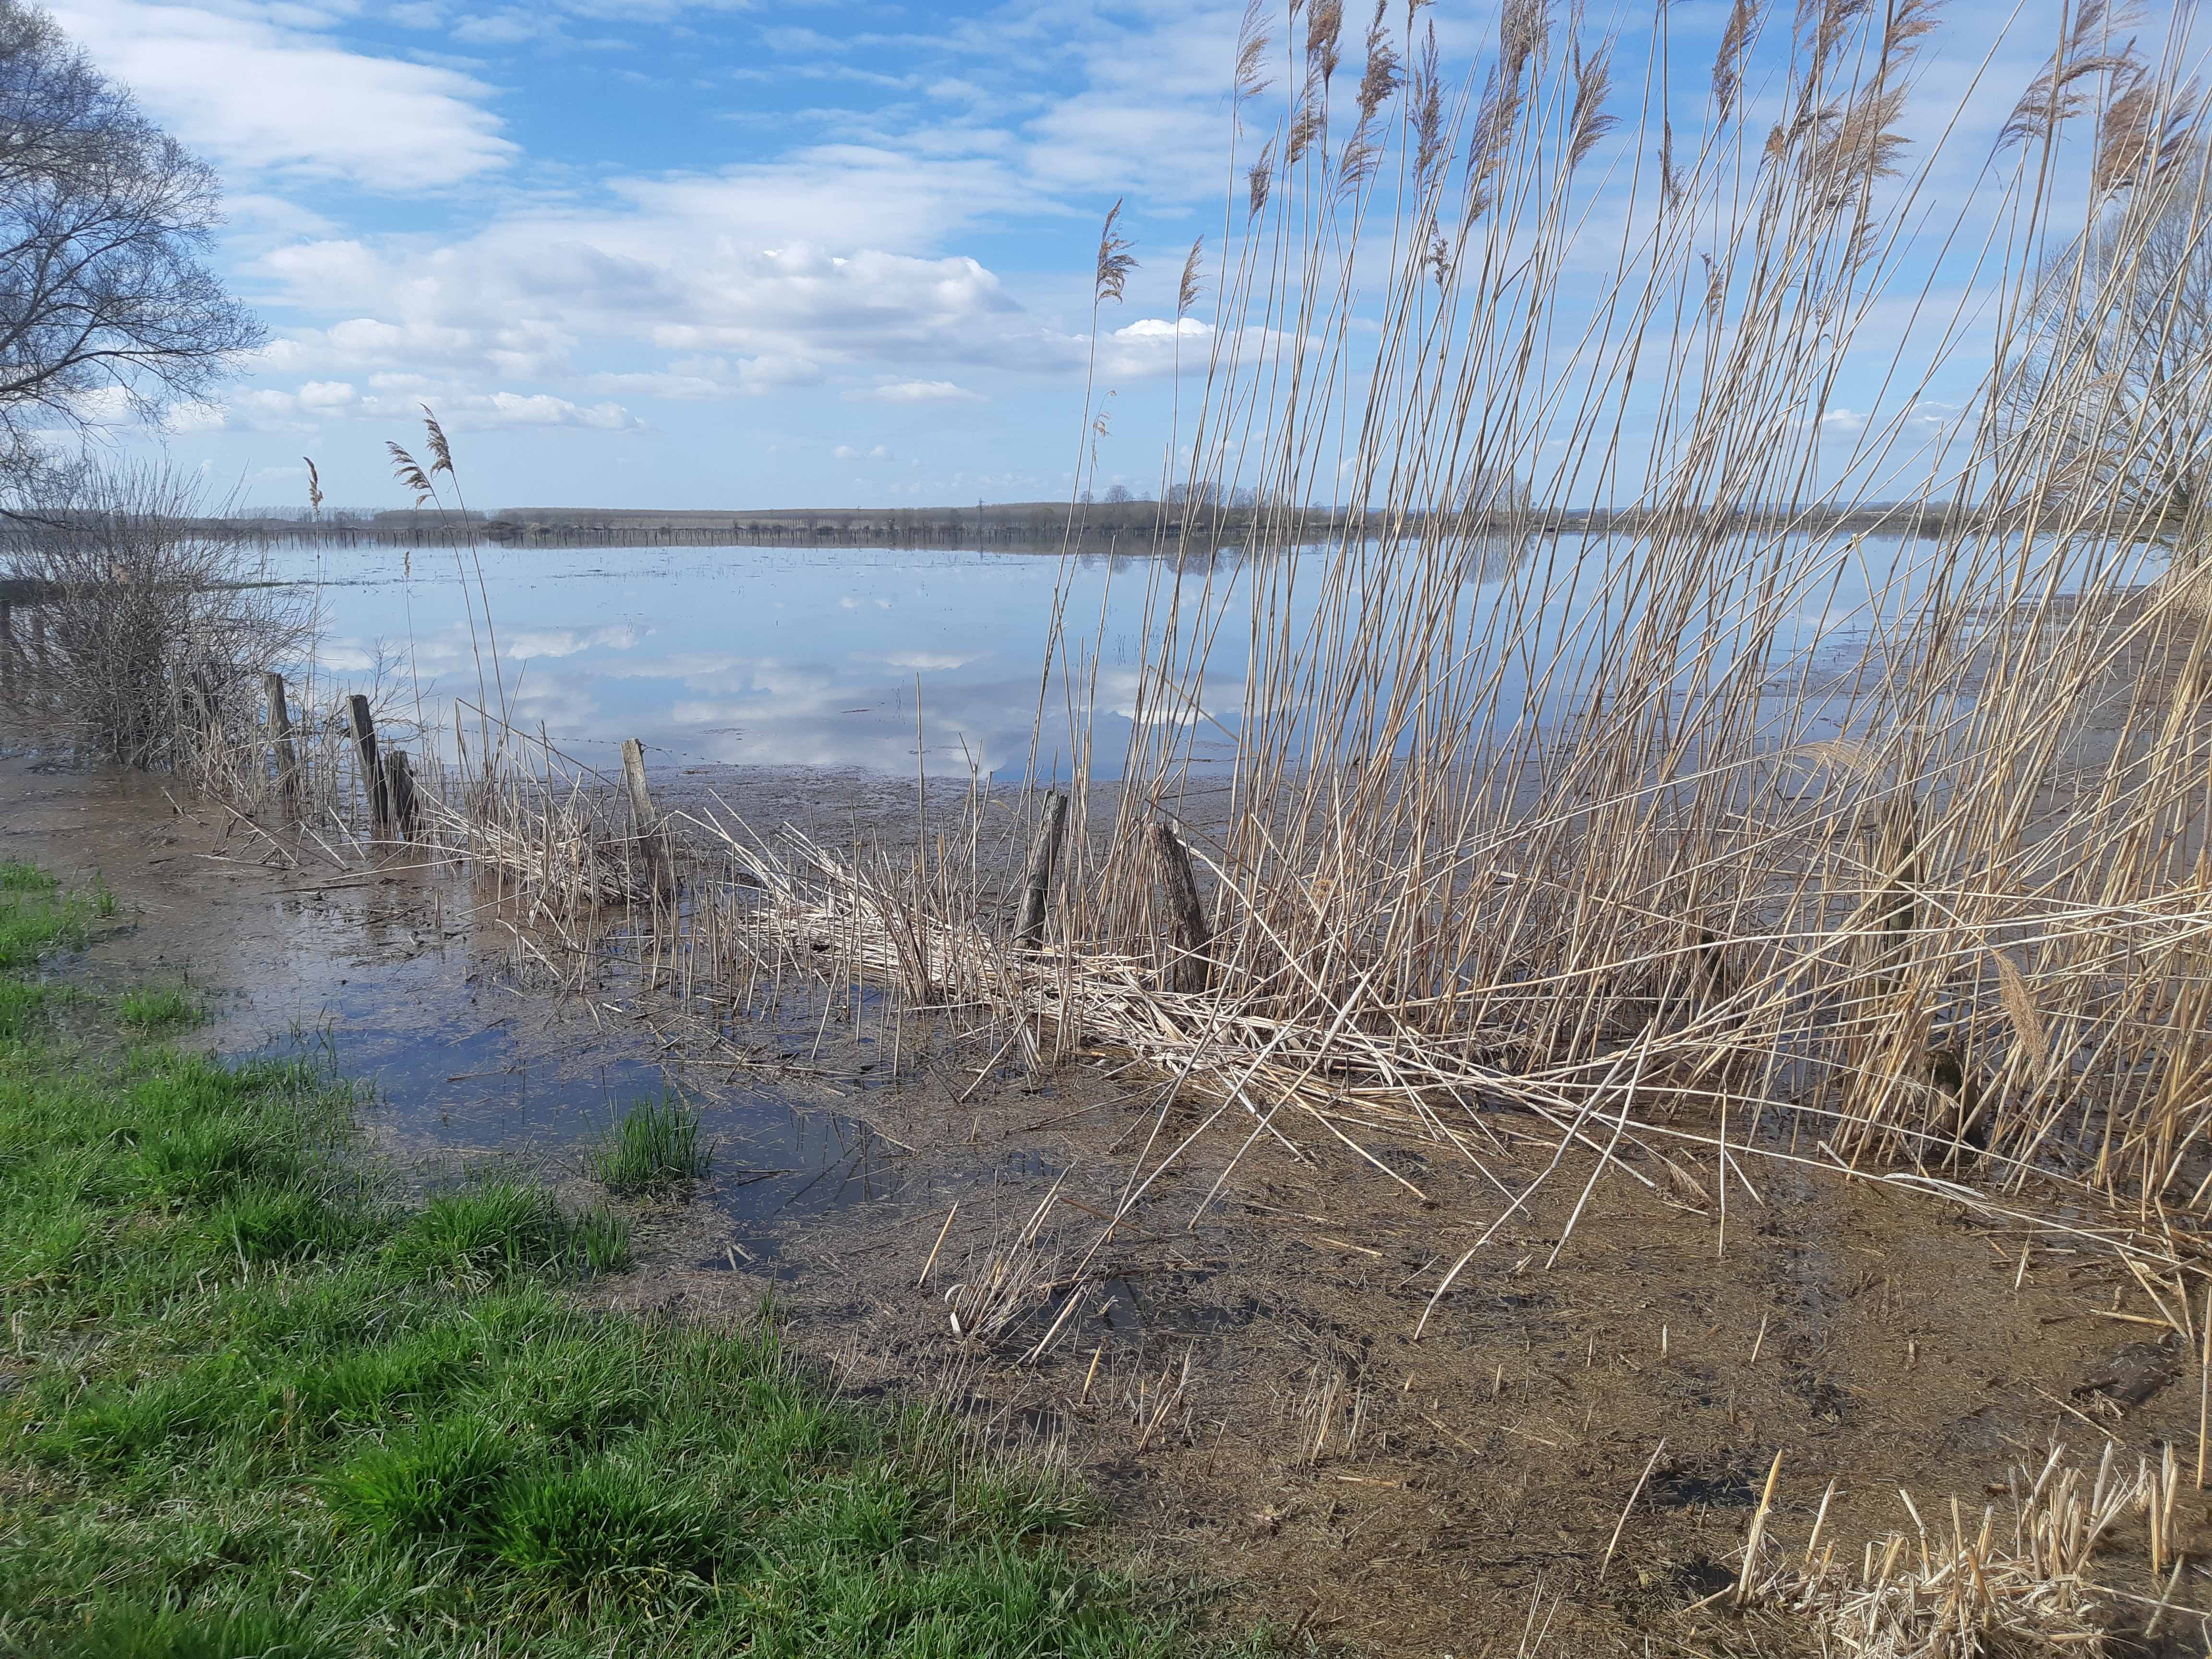 Nom : prairie inondée.jpg Affichages : 746 Taille : 1,72 Mo